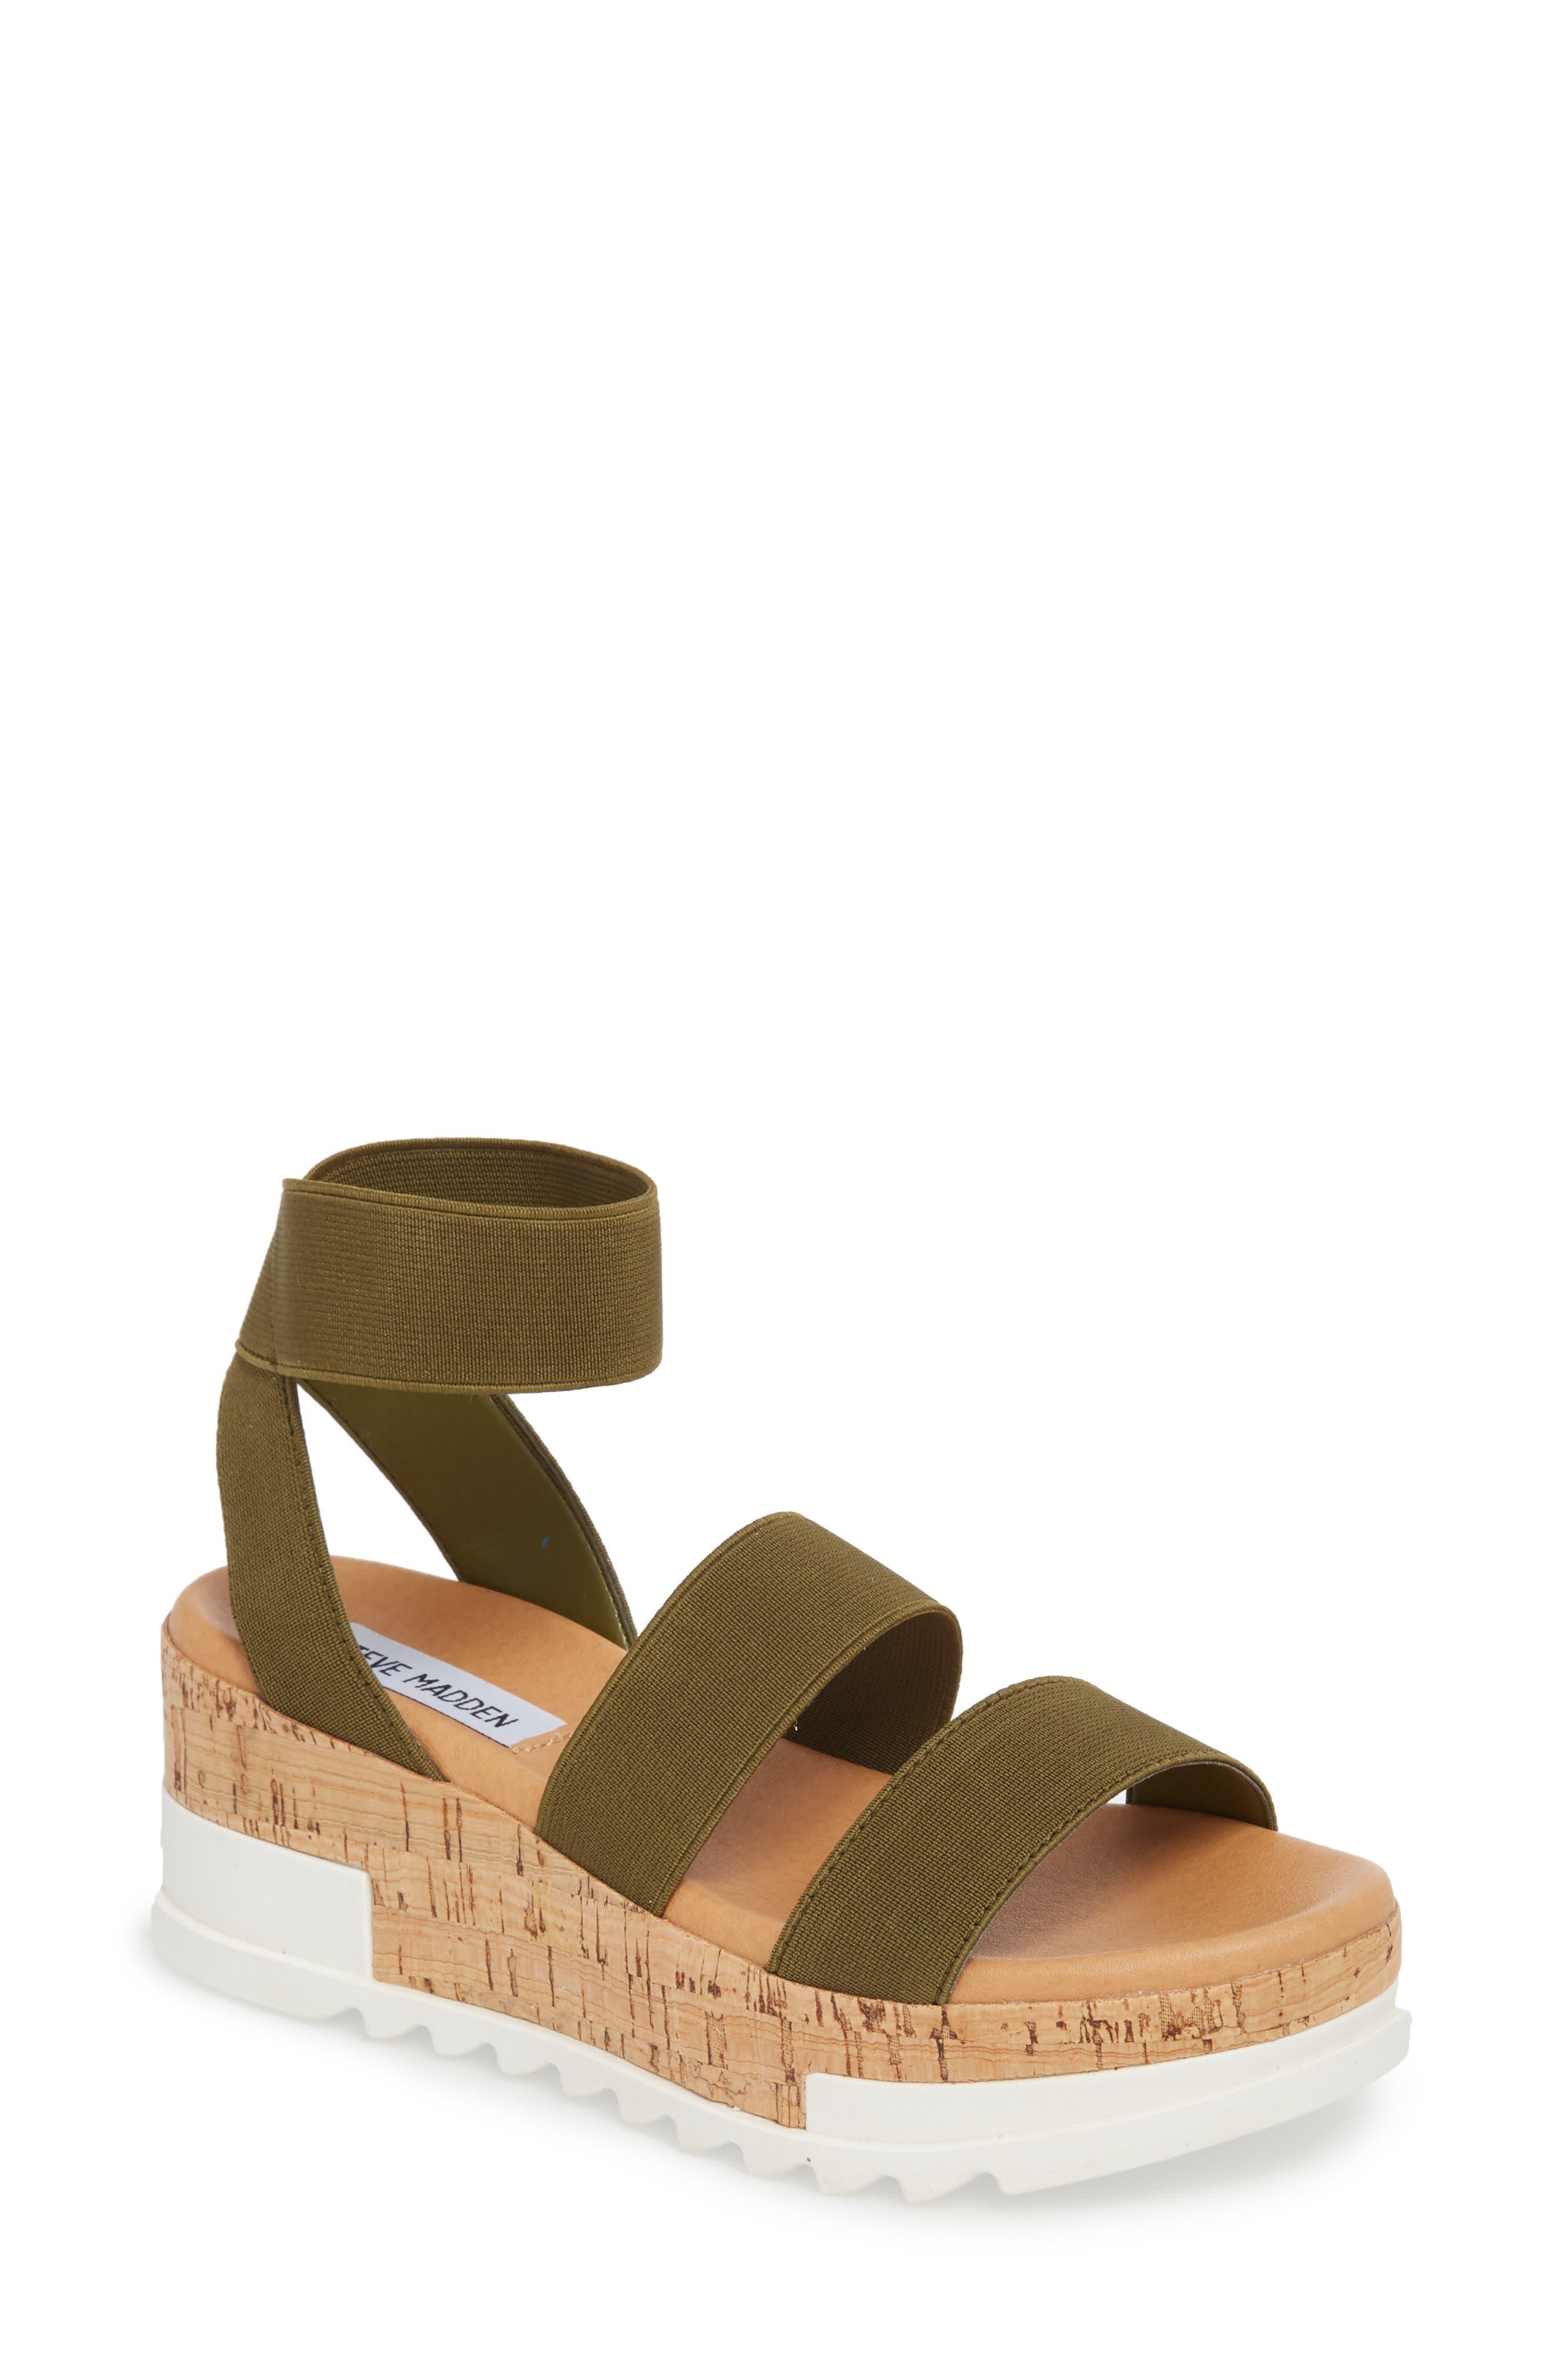 Bandi Platform Wedge Sandal, Main, color, OLIVE